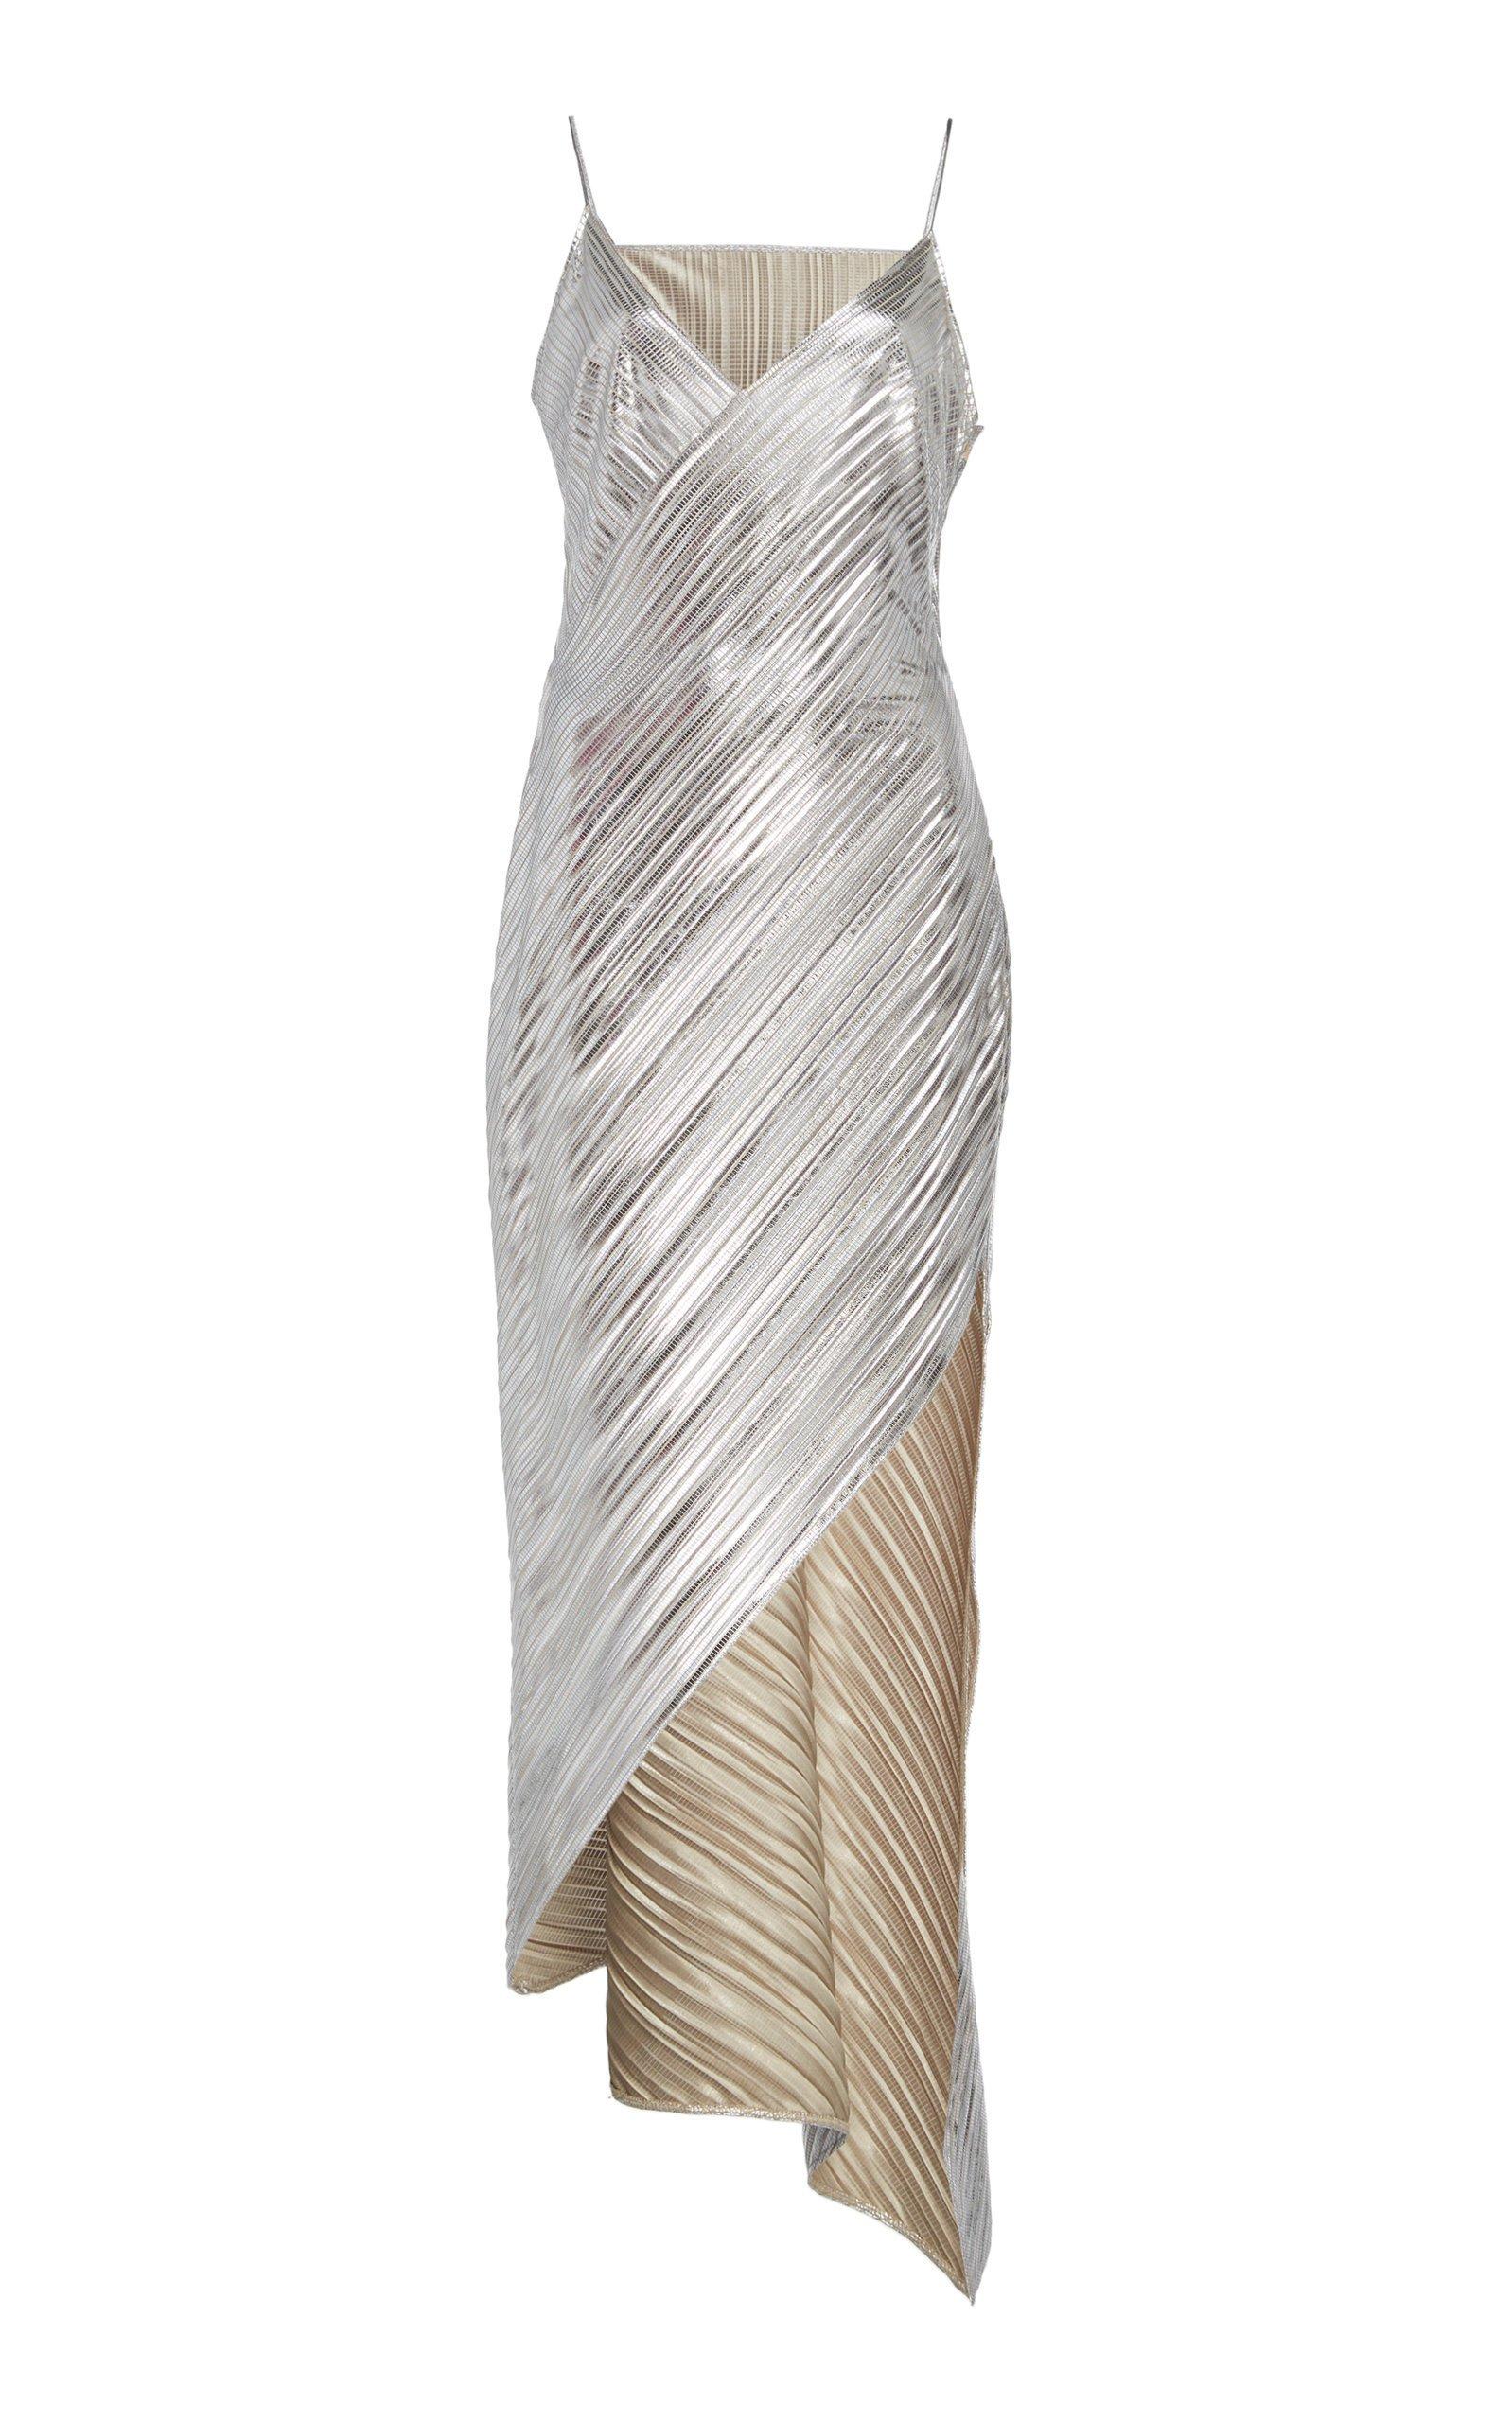 David Koma Lame Asymmetrical Cocktail Dress